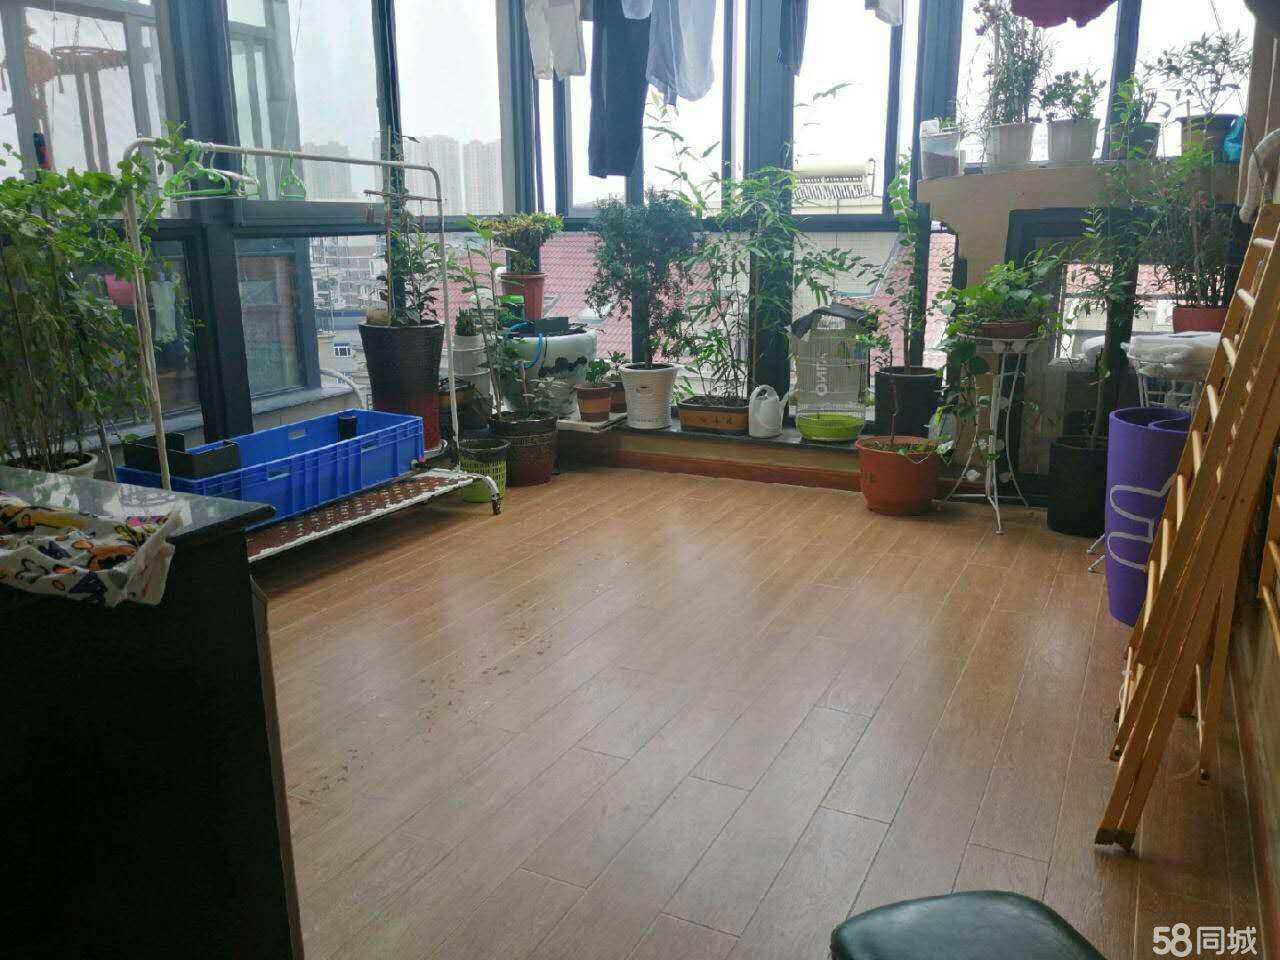 07057出售云溪香山5+6复试143平方,三室三厅两卫,豪华环保精装修,加一个露台屋顶花园的实拍照片